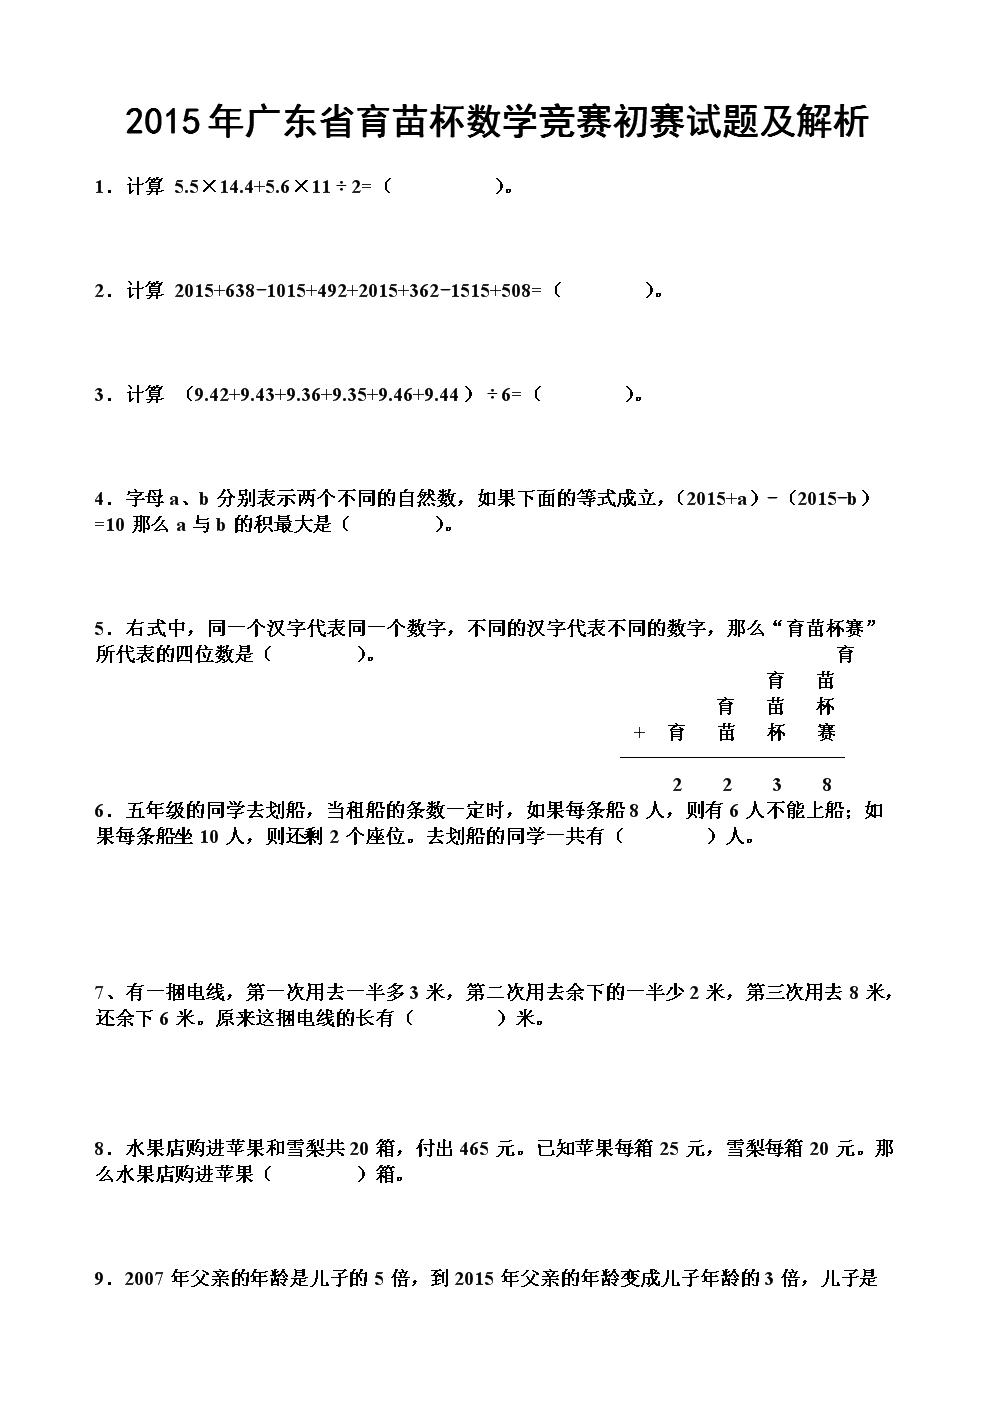 2015年广东省育苗杯数学竞赛初赛试题及解析.doc